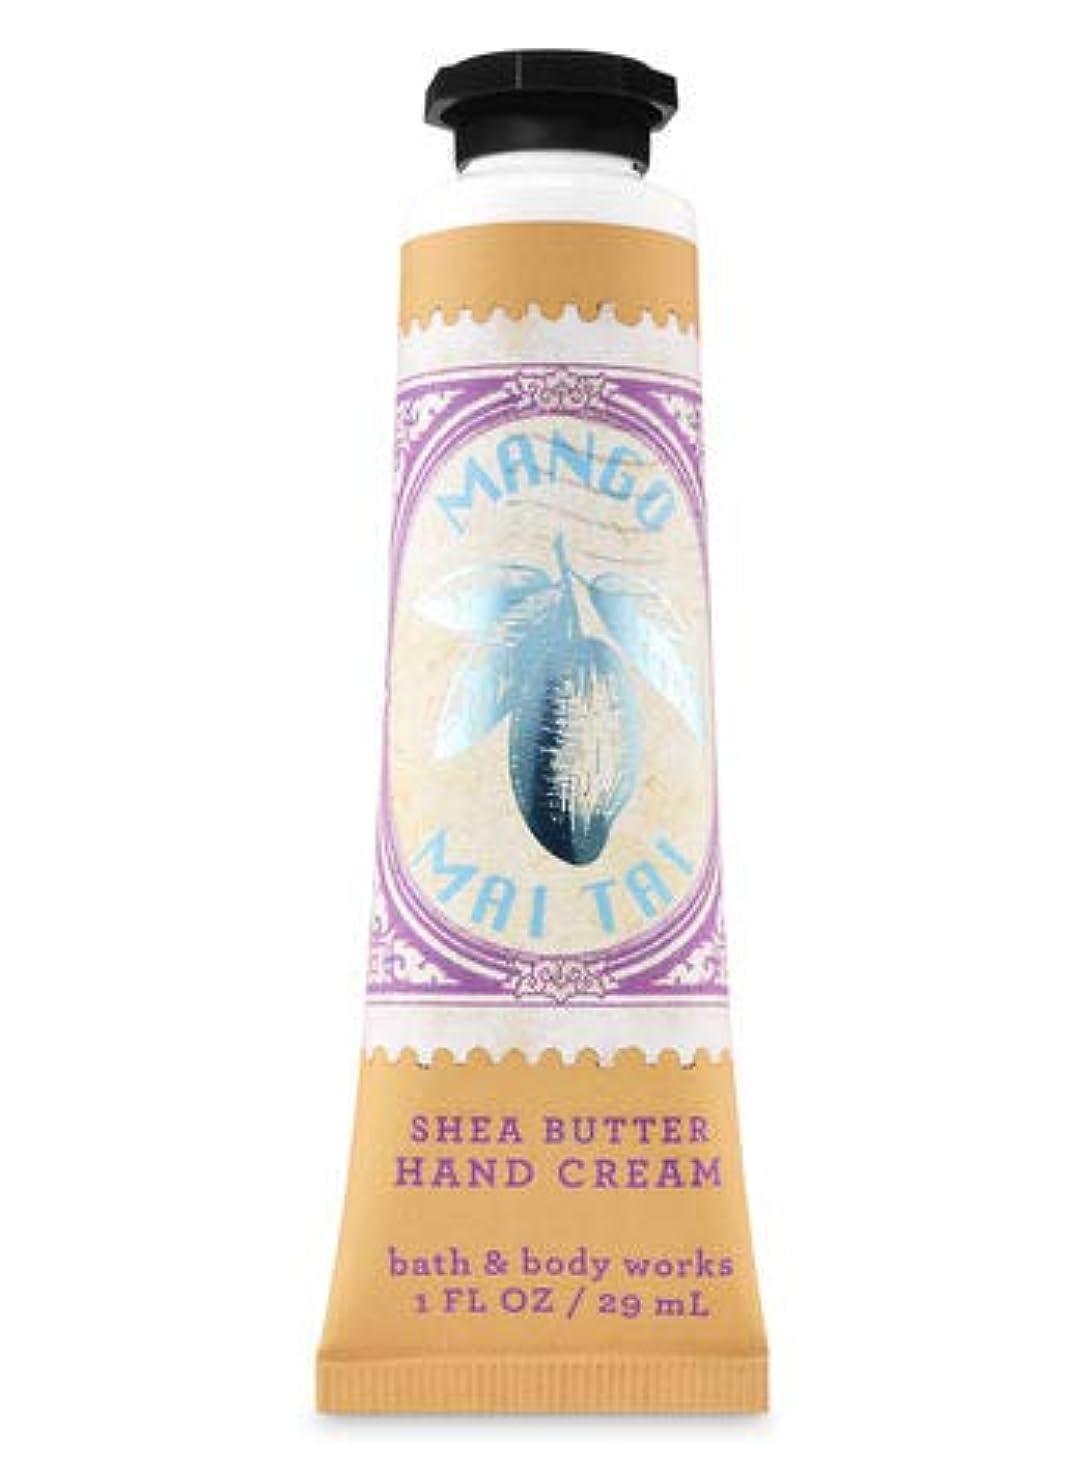 チャールズキージング垂直愛人【Bath&Body Works/バス&ボディワークス】 シアバター ハンドクリーム マンゴーマイタイ Shea Butter Hand Cream Mango Mai Tai 1 fl oz / 29 mL [並行輸入品]